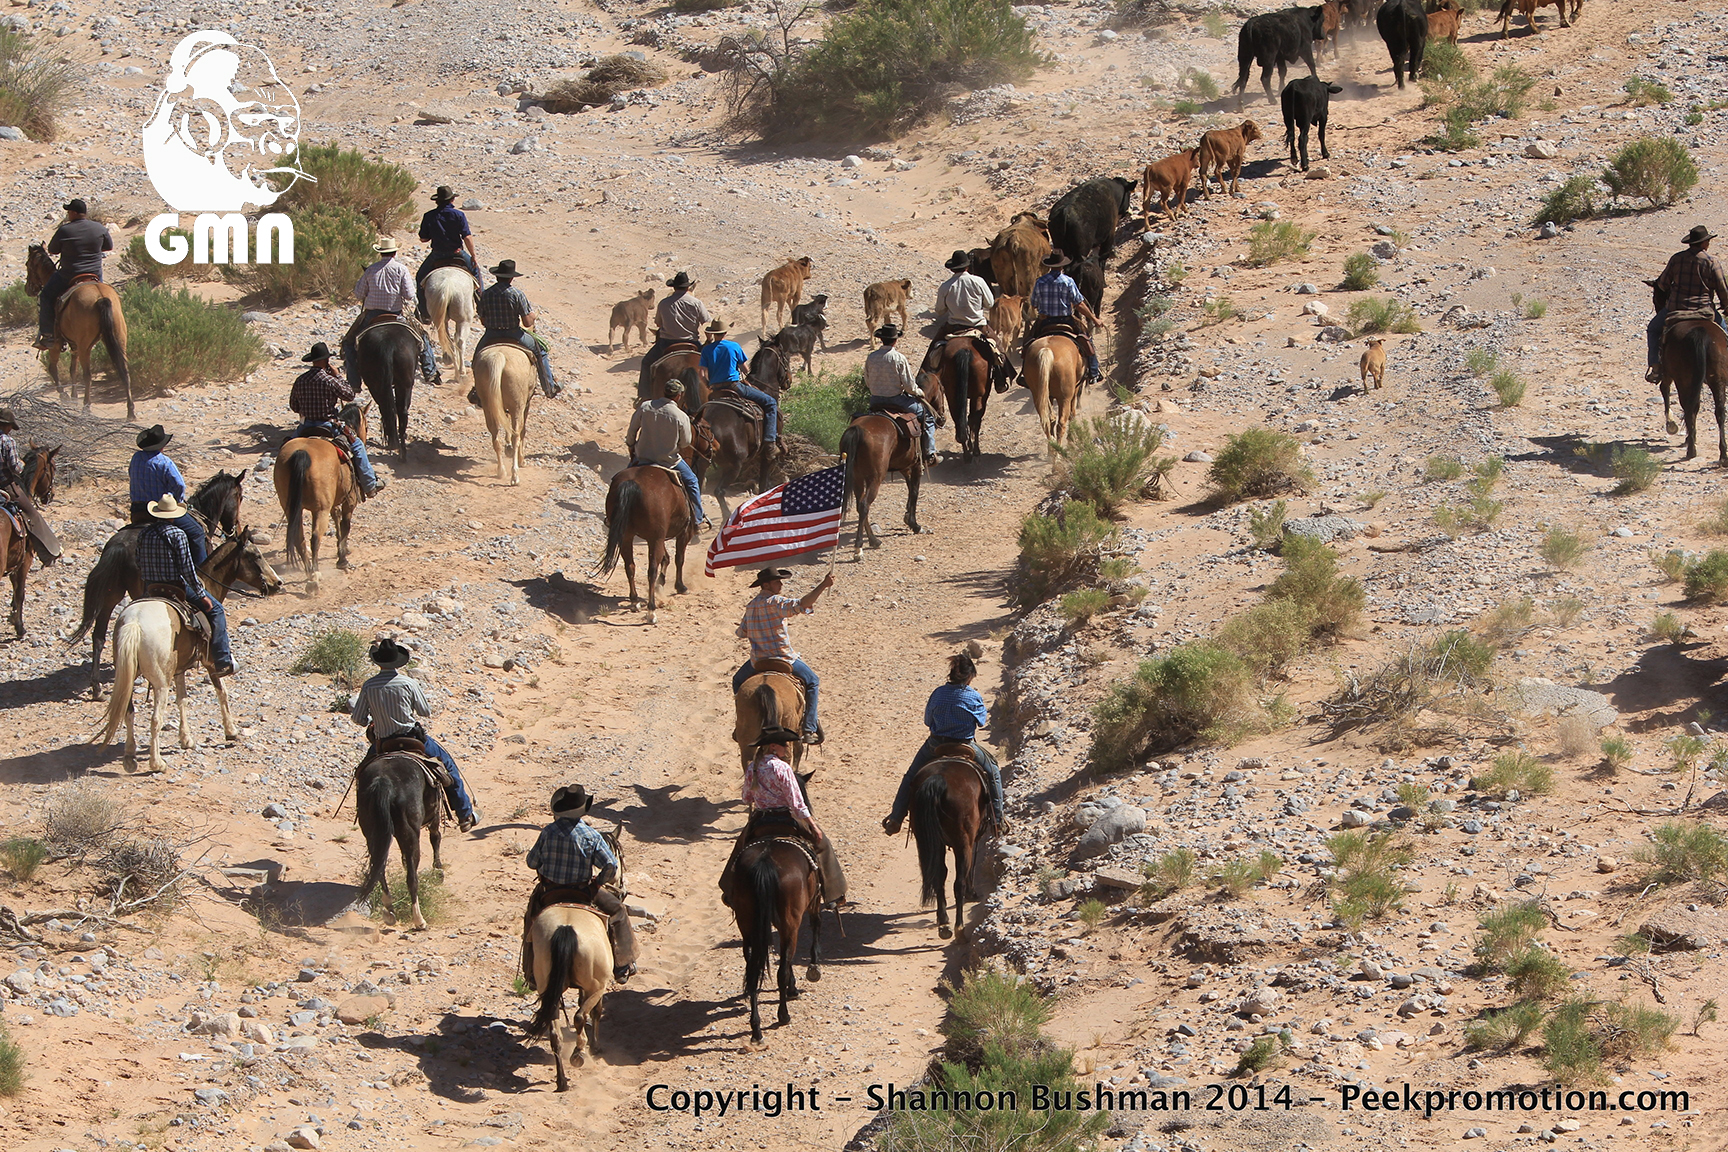 21WIREz3-Bundy-Fed-Standoff-April-12-2014-Copyright-GMN